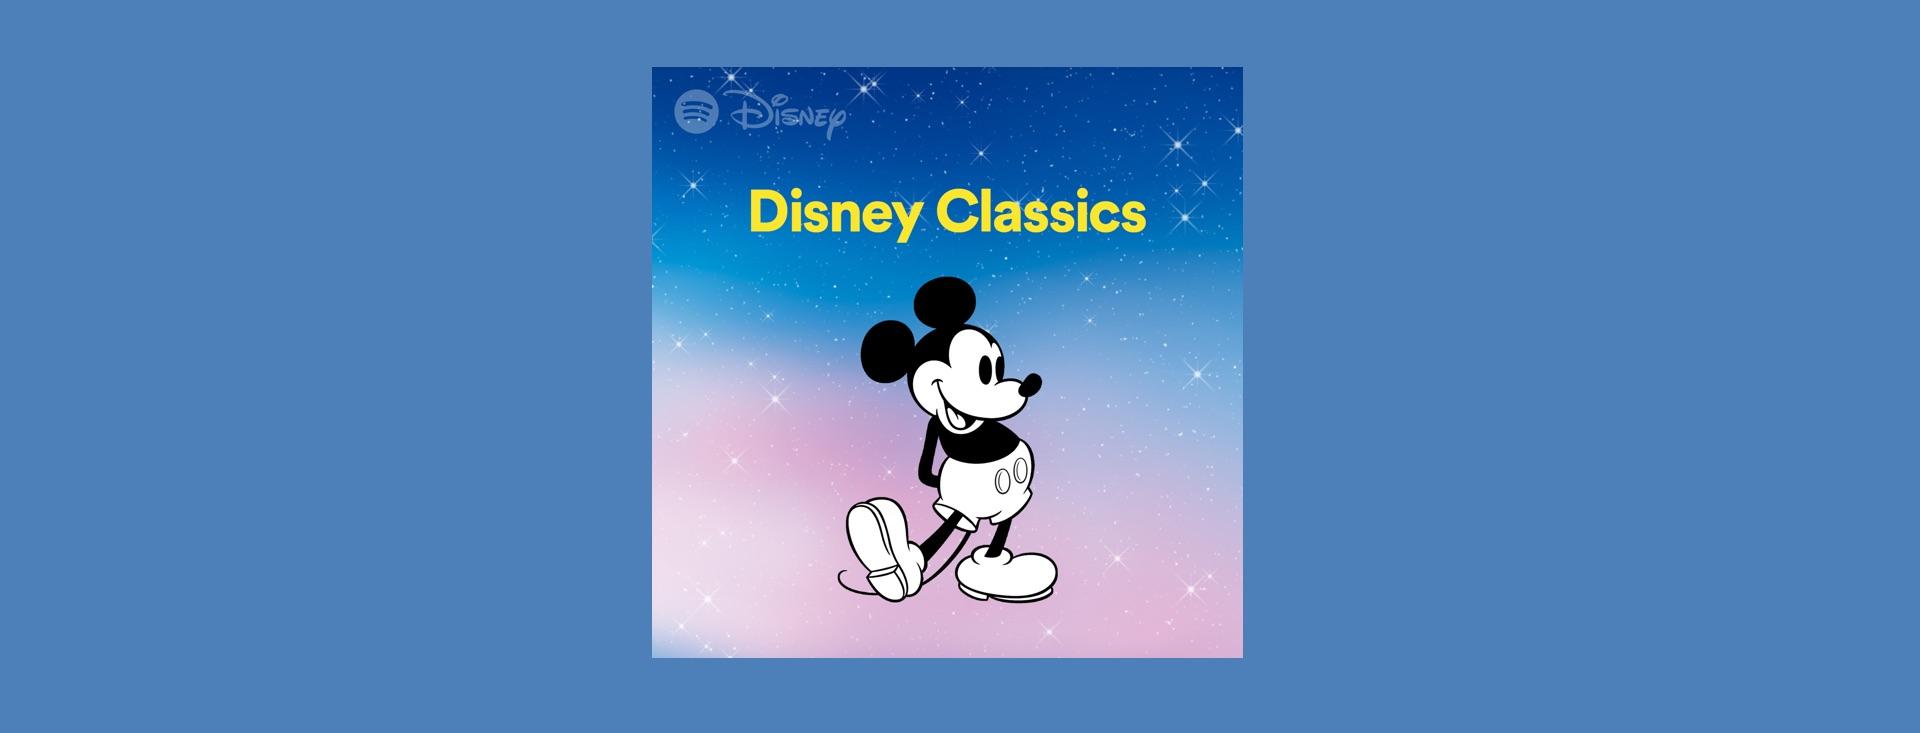 Spotify mang đến Disney mới Hub dành cho những người hâm mộ Disney, Pixar, MarvelStar Wars